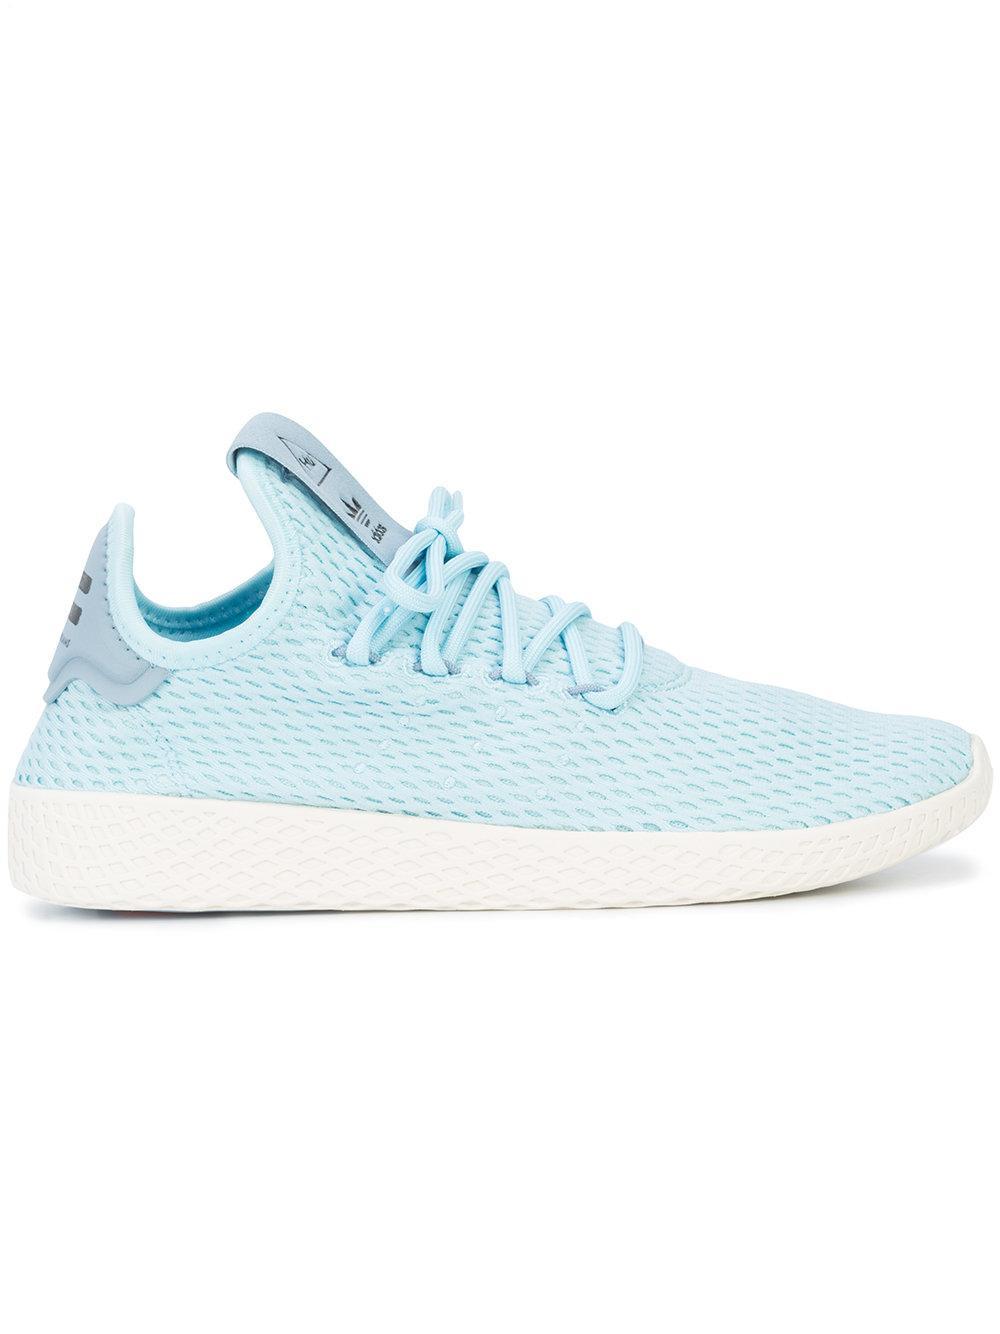 autentyczna jakość kup dobrze nowy autentyczny Adidas 'Pharrell Williams Tennis Hu' Sneakers - Blau in Blue